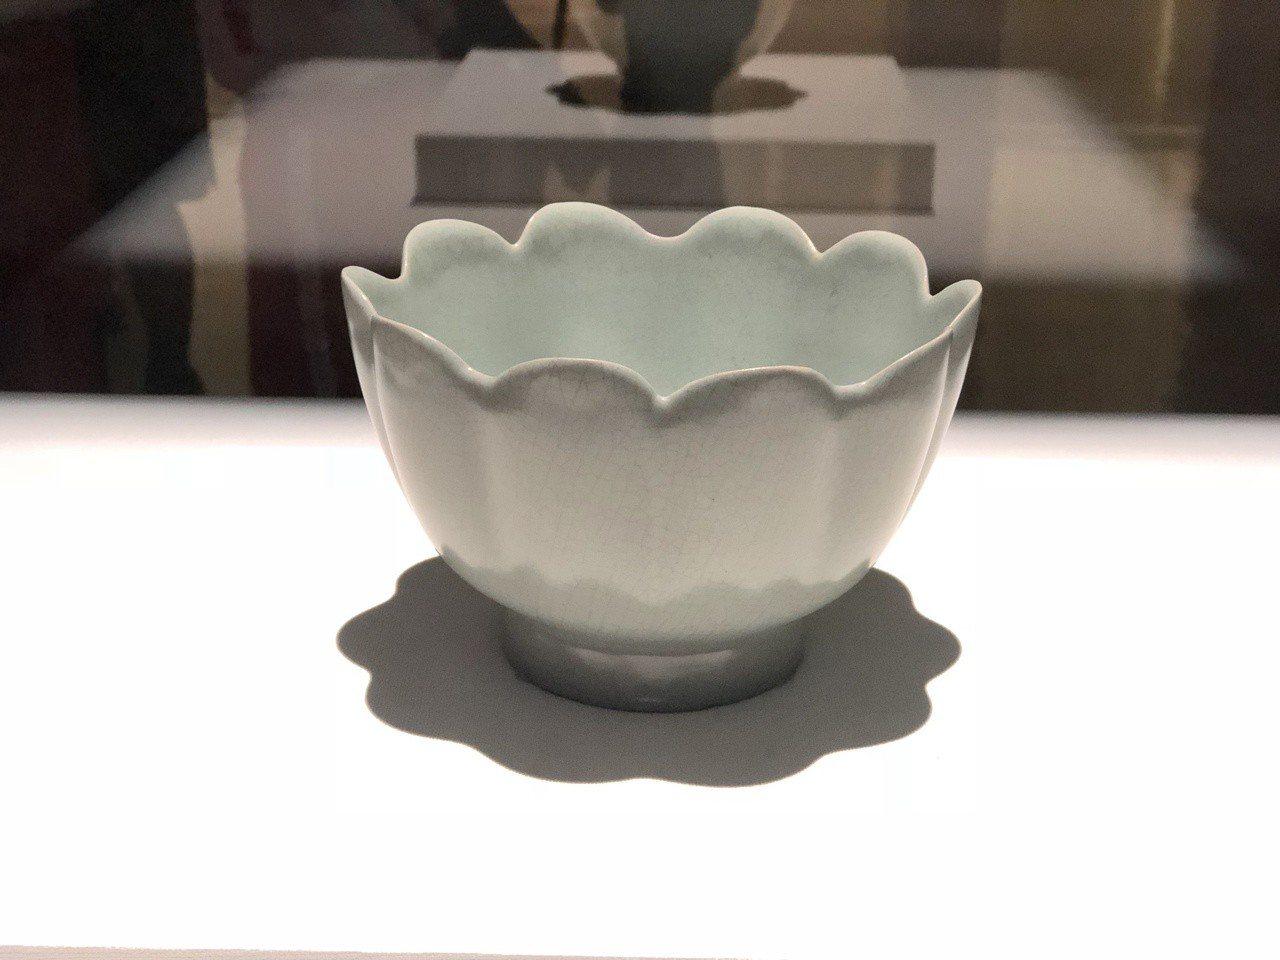 國美館舉行「花之禮讚」展,故宮藏品南宋至元的玉荷葉洗。記者何定照/攝影